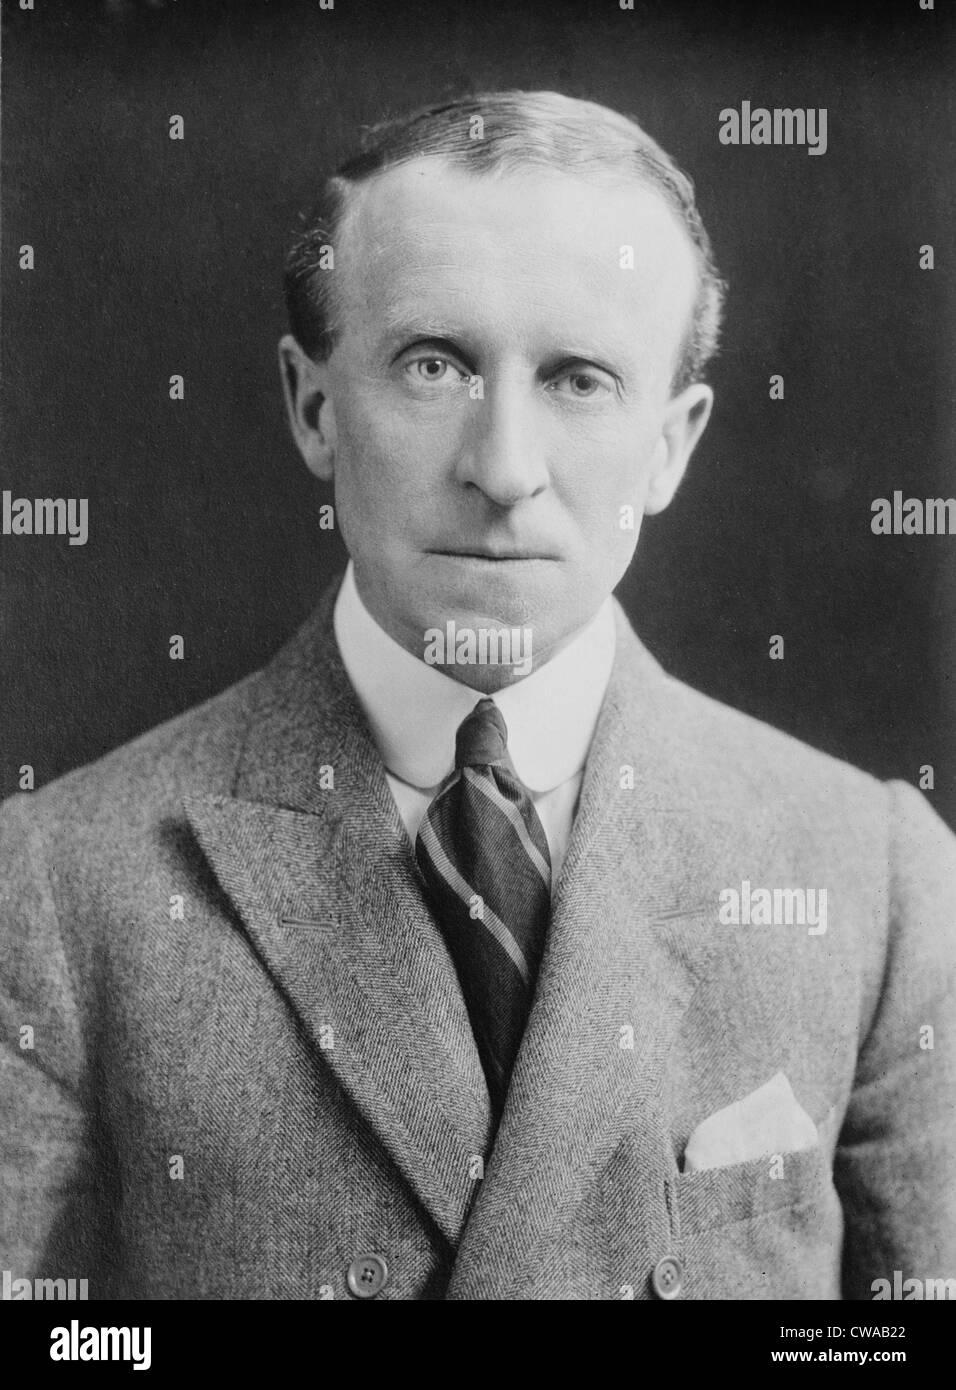 John Buchan (1875-1940) schottischen Schriftsteller über 50 Abenteuerbüchern, historische Romane und Biographien. Stockbild